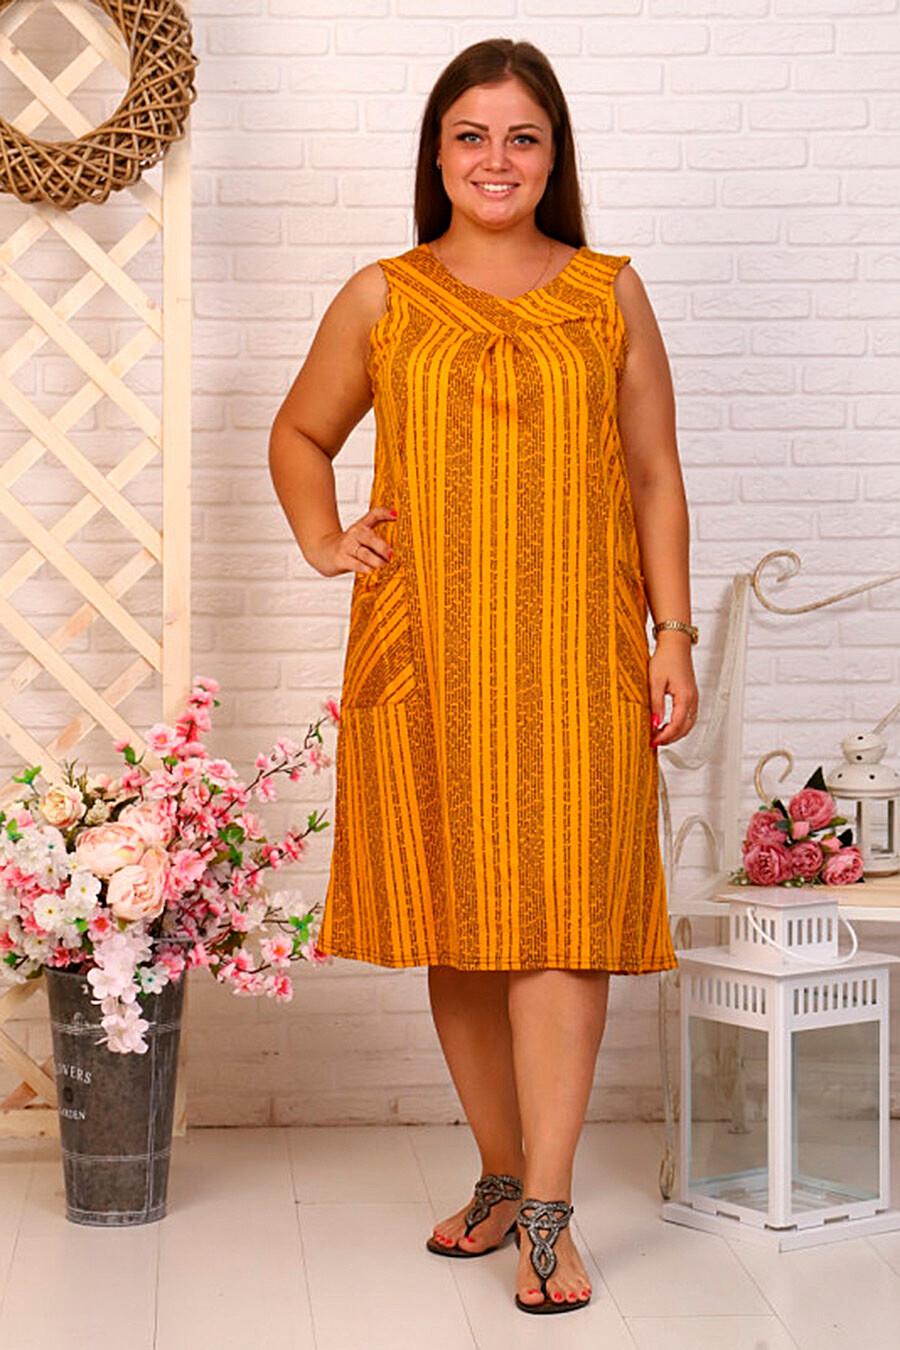 Сарафан для женщин SOFIYA37 682273 купить оптом от производителя. Совместная покупка женской одежды в OptMoyo